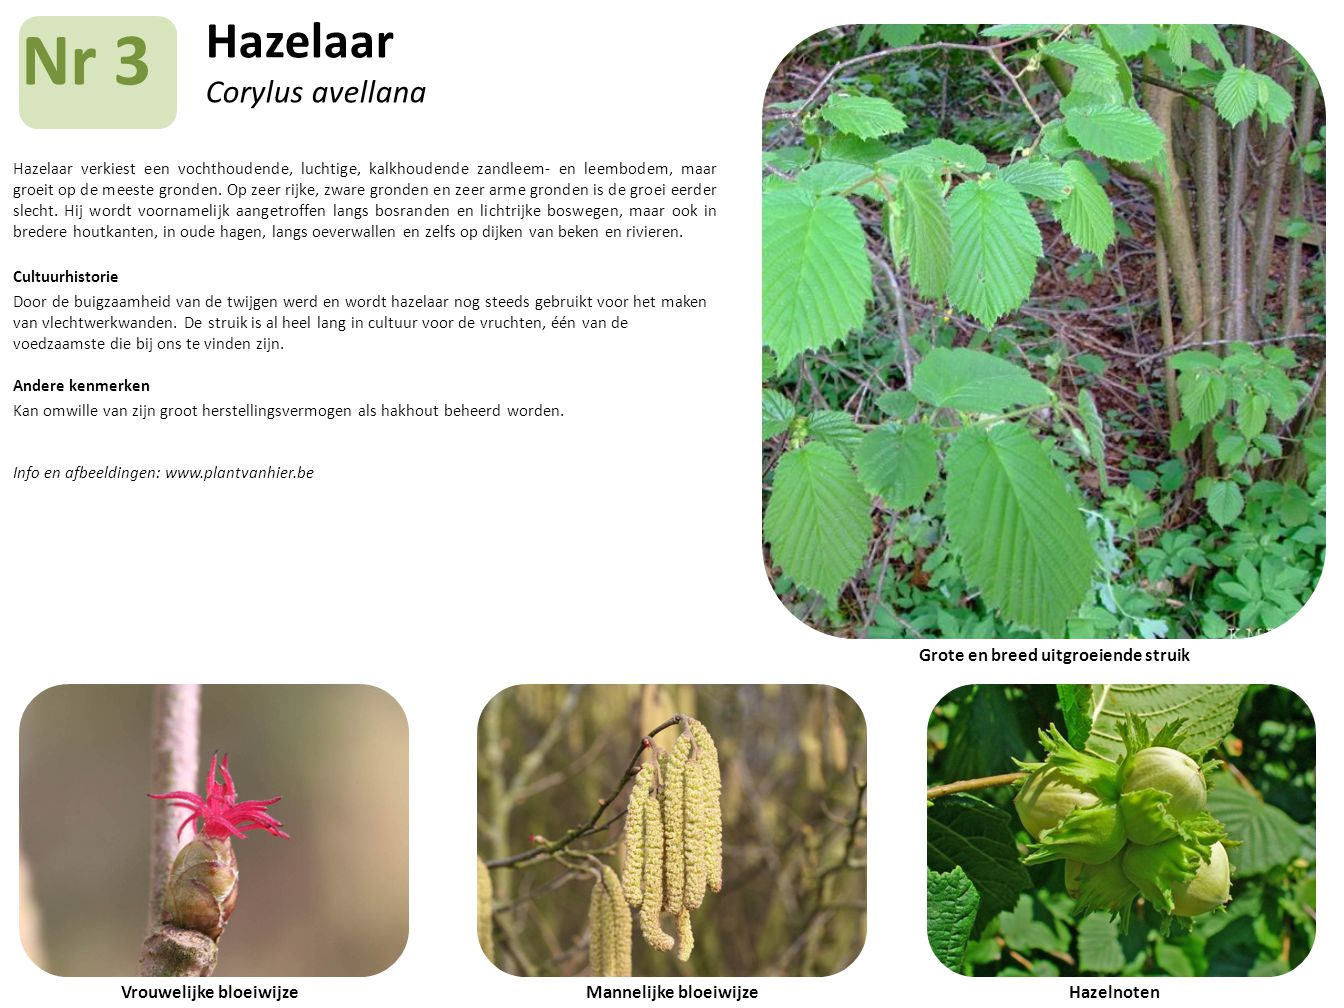 Hazelaar Corylus avellana